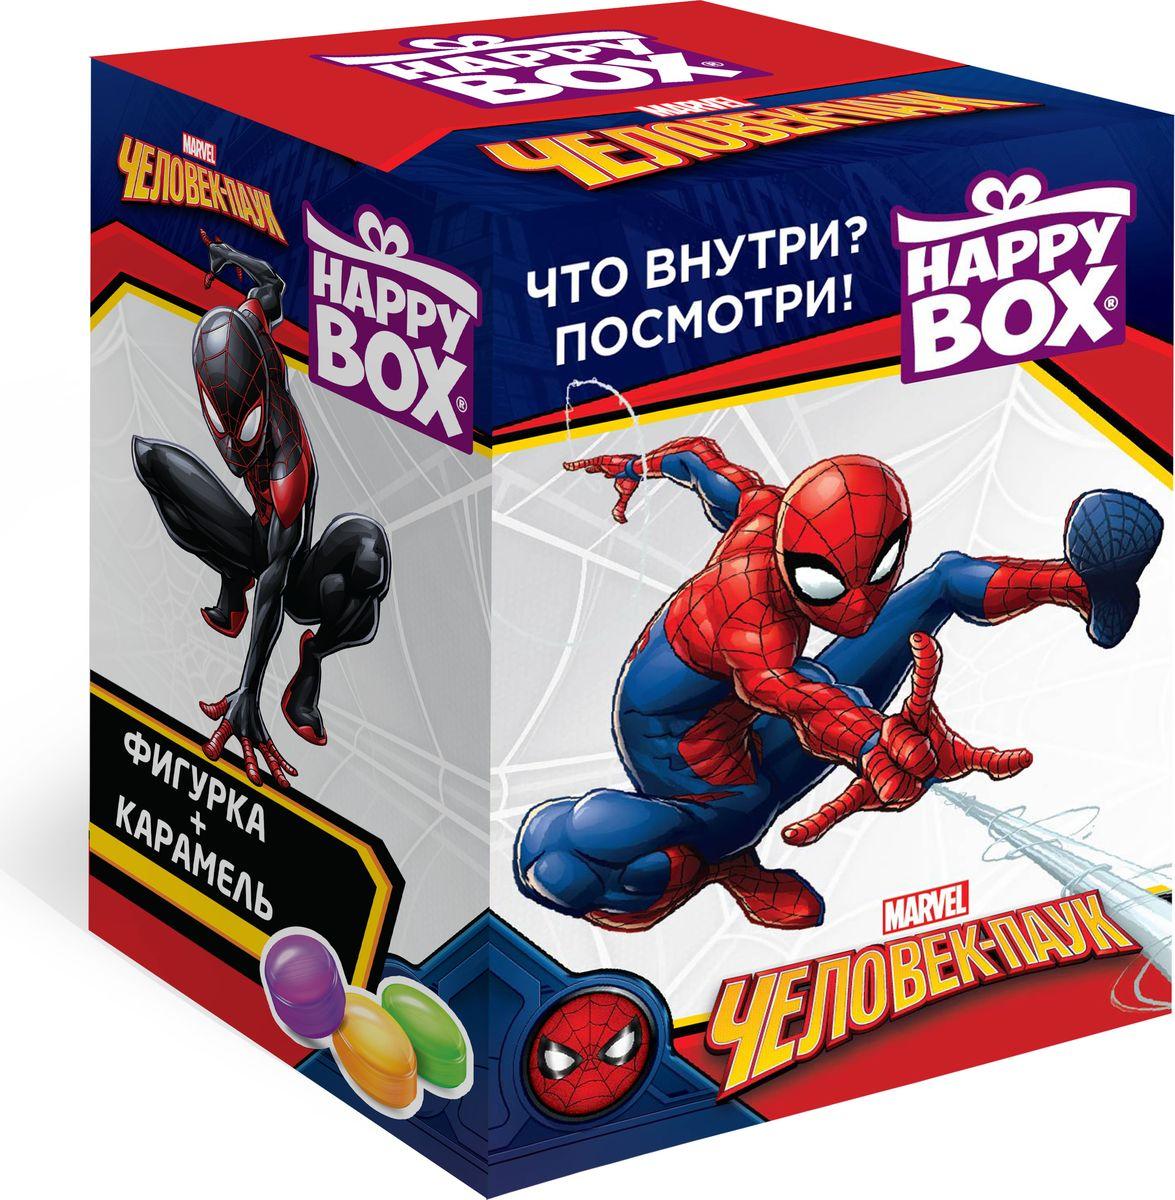 Happy Box Человек Паук карамель с игрушкой, 18 гHB-2-18Человек-паук едва ли не самый известный из героев Вселенной Marvel. По-настоящему большие игрушки. Каждая из них 6-7 см в высоту и 5-6 см в ширину. Всего в коллекции представлено 6 игрушек с собственными специальными подставками, благодаря которым они